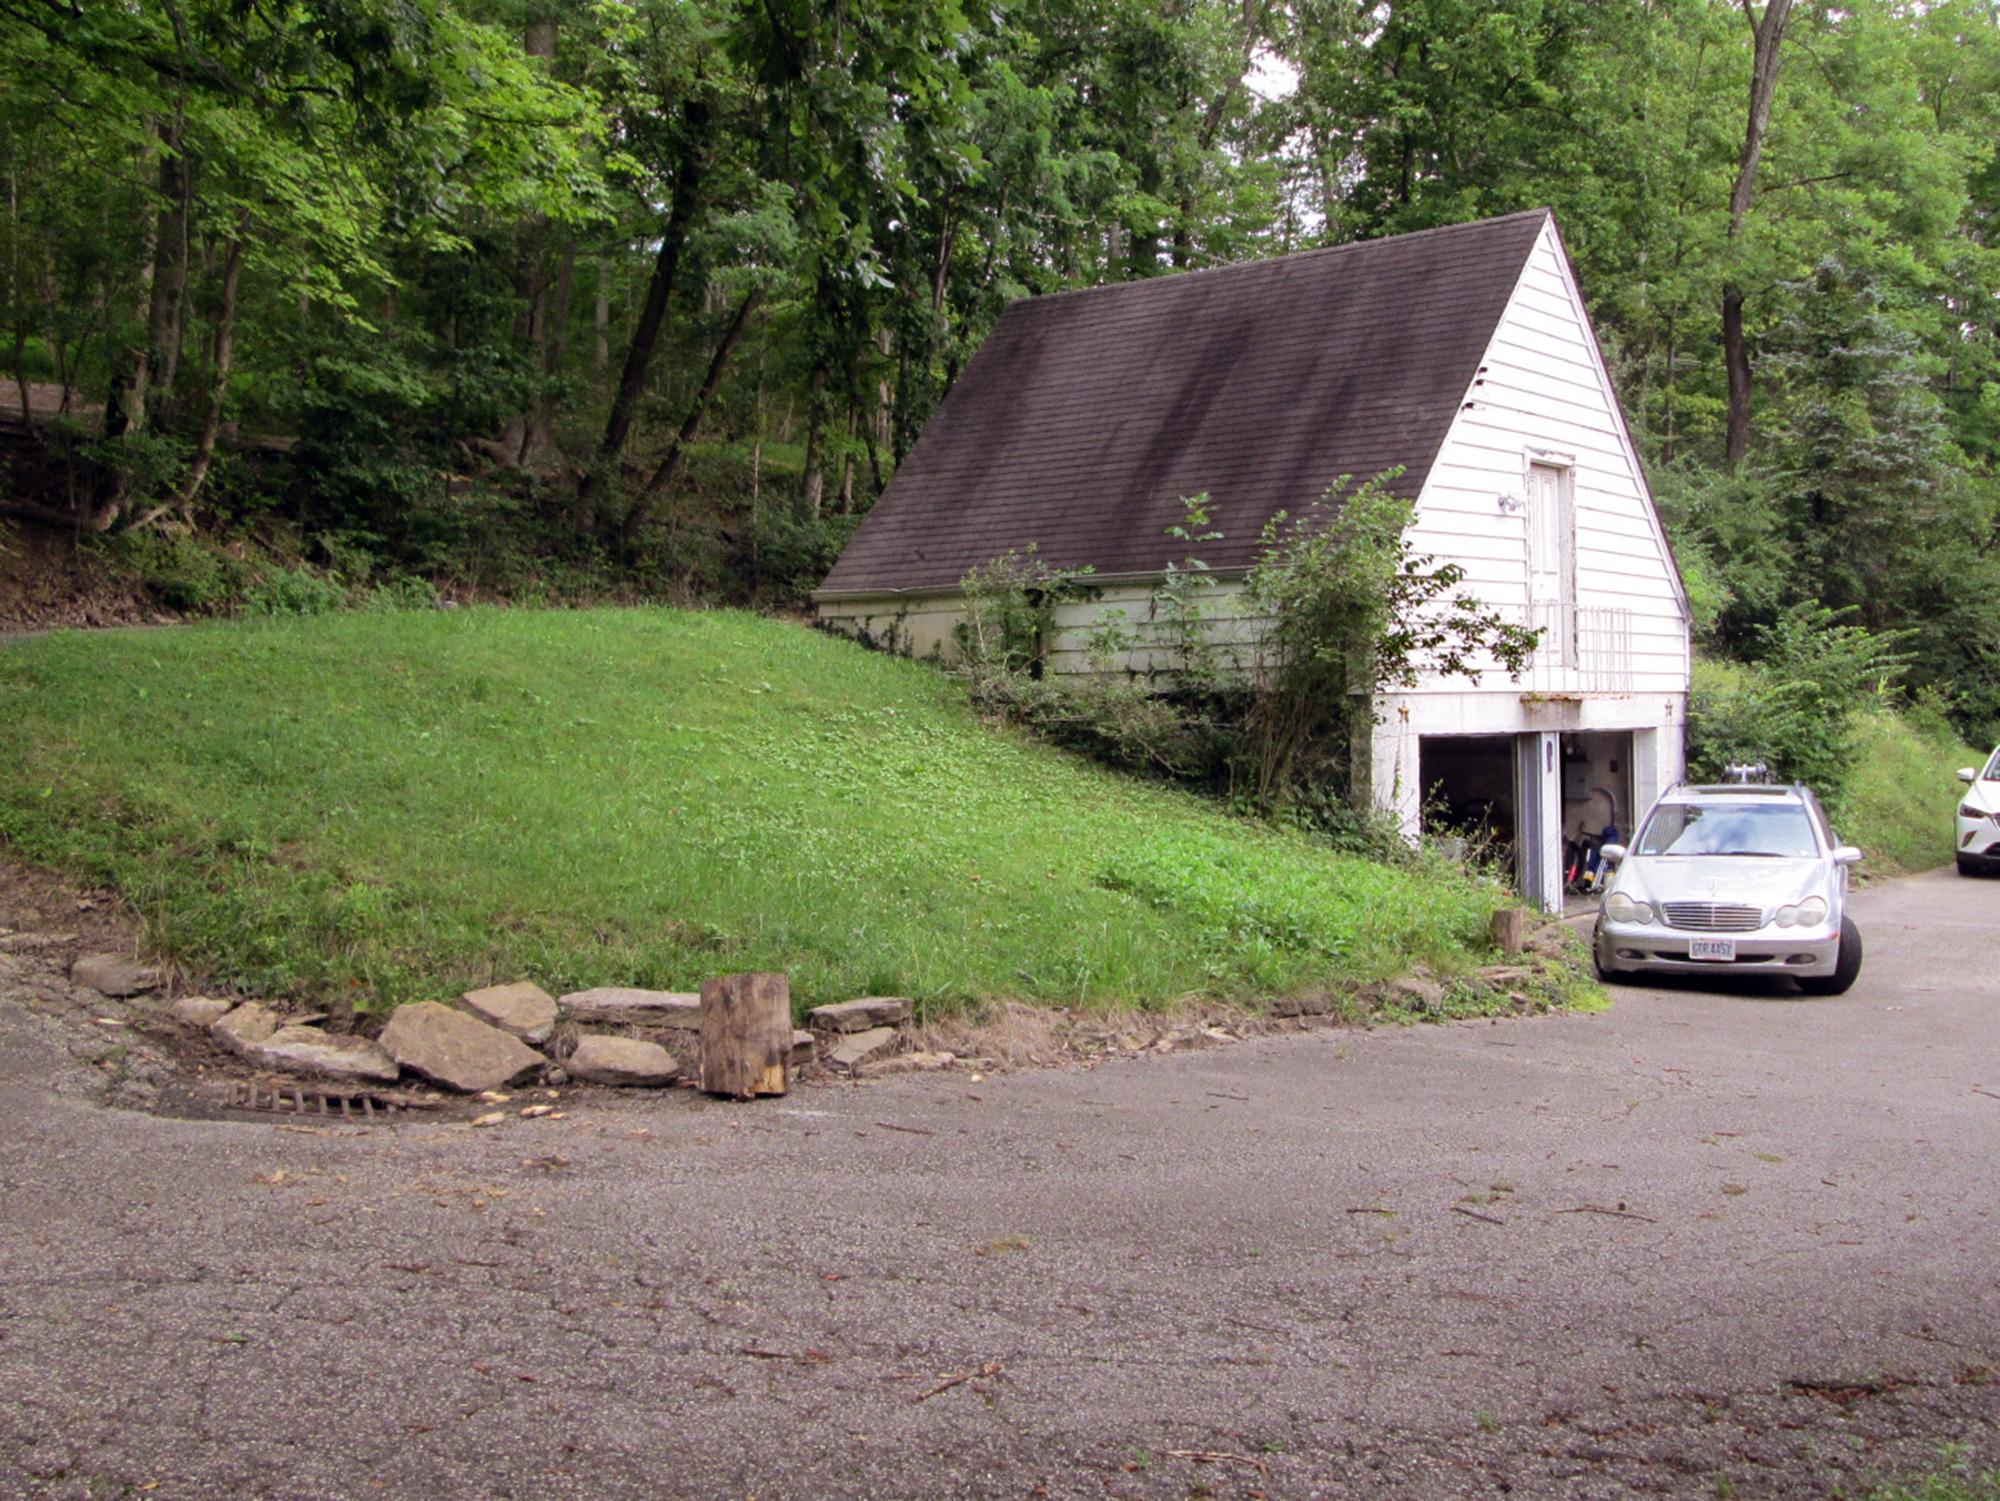 Garage on hillside